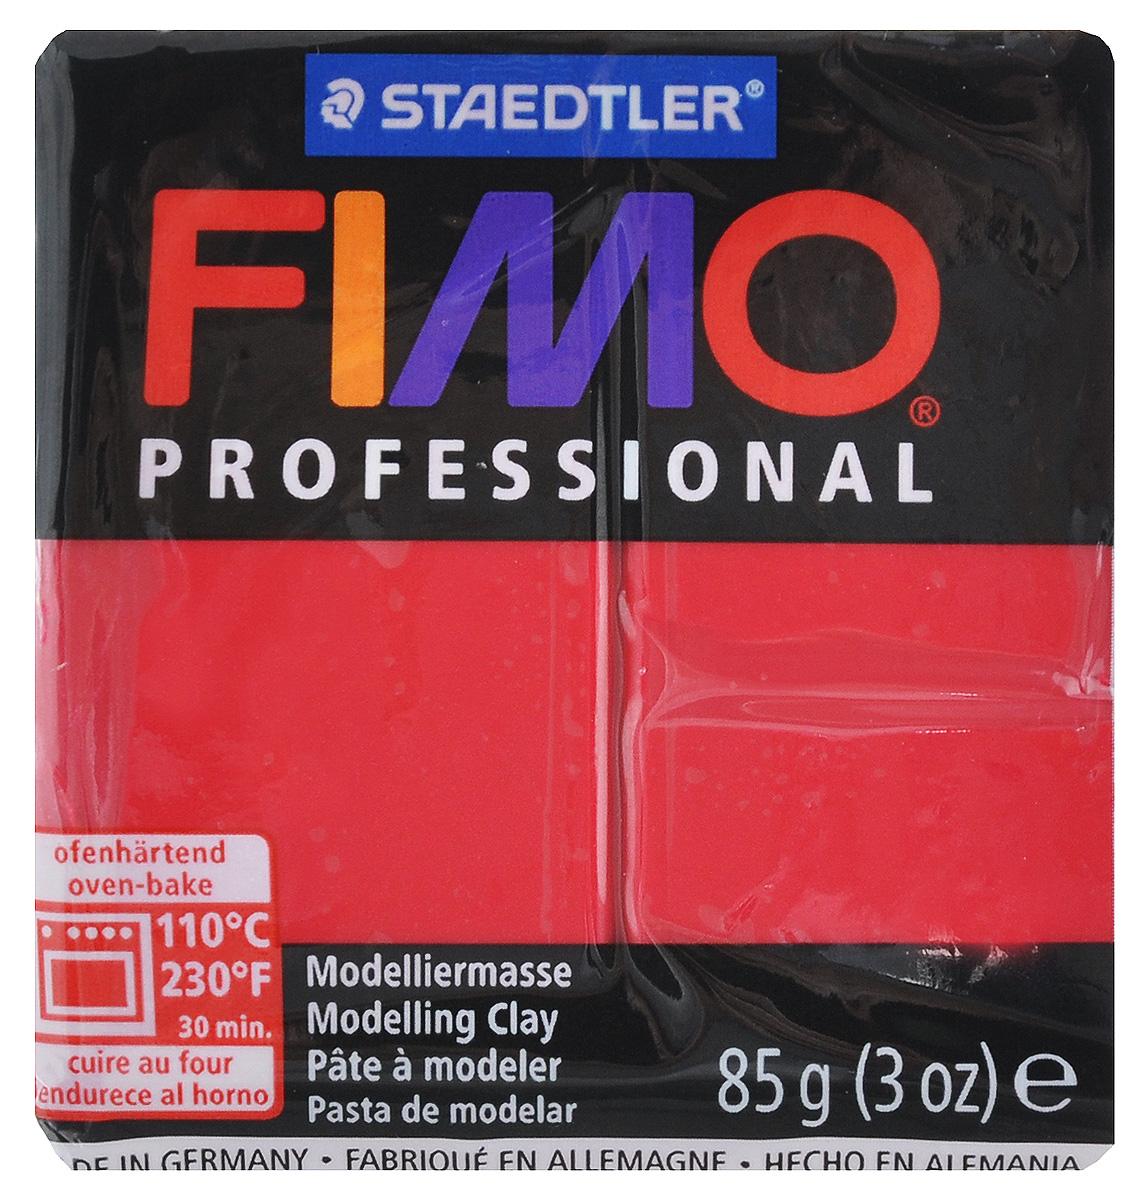 Полимерная глина Fimo Professional, цвет: пунцовый, 85 г8004-29Мягкая глина на полимерной основе (пластика) Fimo Professional идеально подходит для лепки небольших изделий (украшений, скульптурок, кукол) и для моделирования. Глина обладает отличными пластичными свойствами, хорошо размягчается и лепится, легко смешивается между собой, благодаря чему можно создать огромное количество поделок любых цветов и оттенков, не имеет запаха. Блок разделен на 2 сегмента, что позволяет легче разделять глину на порции. В домашних условиях готовая поделка выпекается в духовом шкафу при температуре 110°С в течение 15-30 минут (в зависимости от величины изделия). Отвердевшие изделия могут быть раскрашены акриловыми красками, покрыты лаком, склеены друг с другом или с другими материалами.